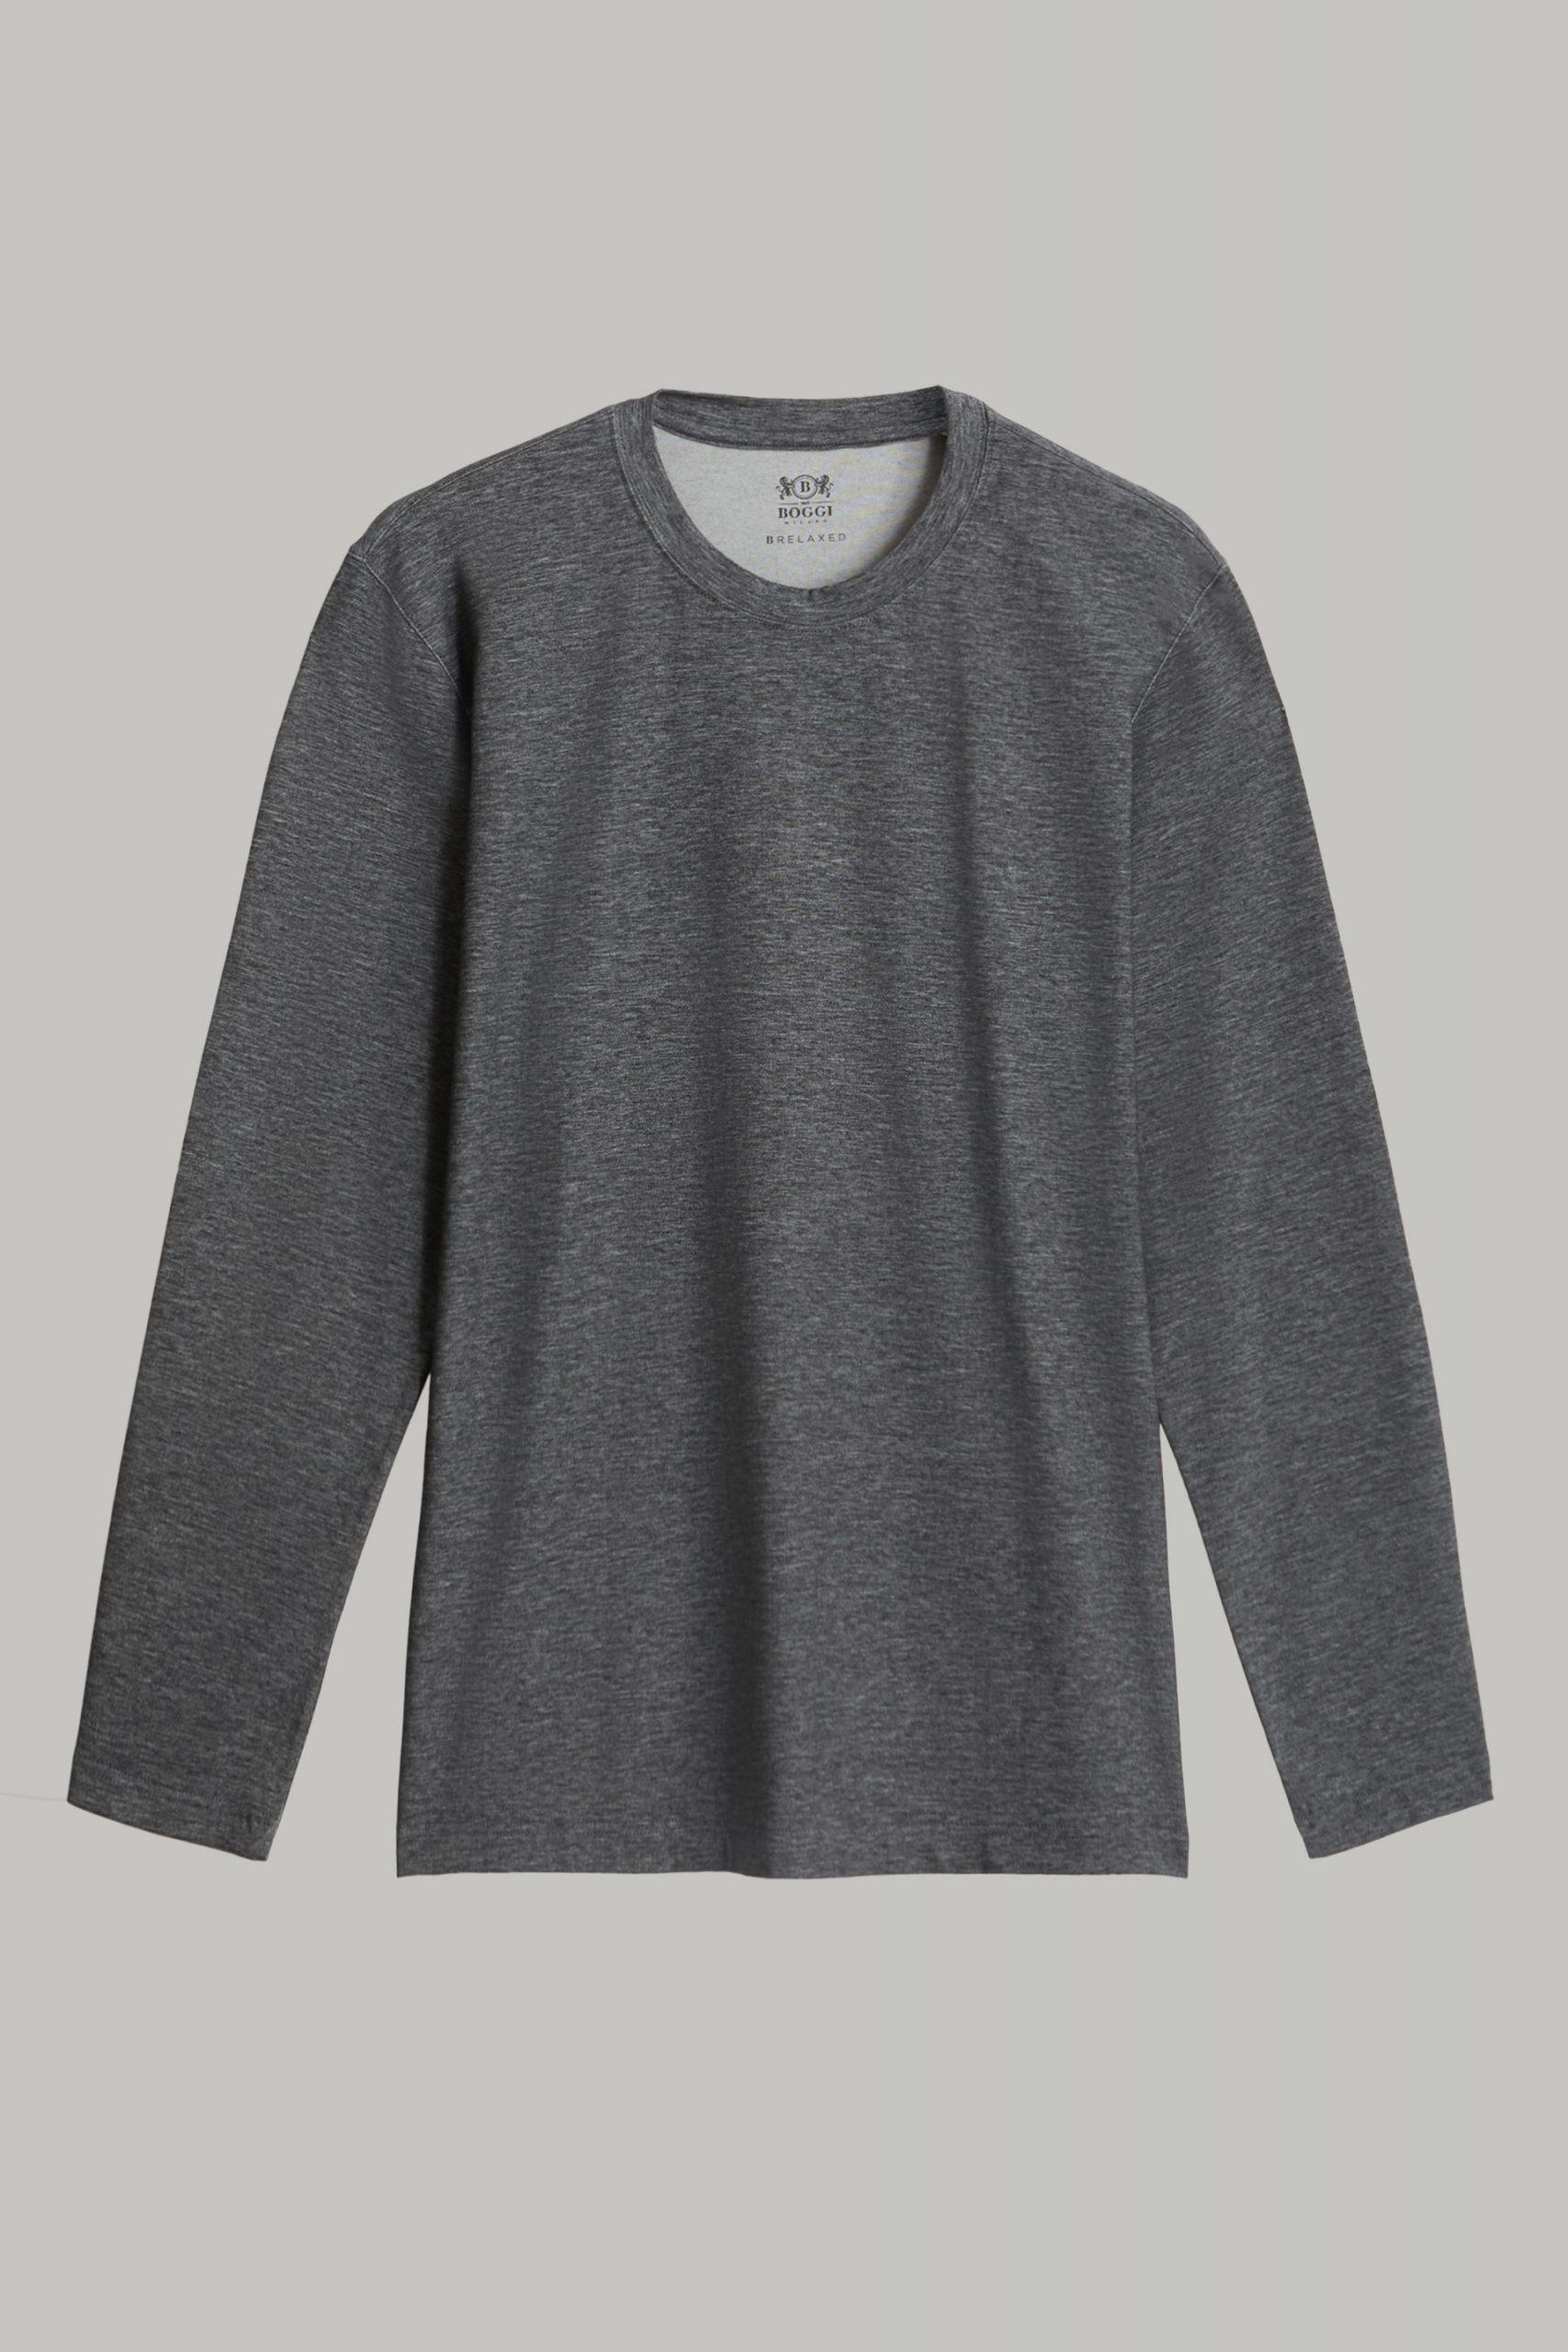 T-Shirts da uomo in colore Antracite in materiale